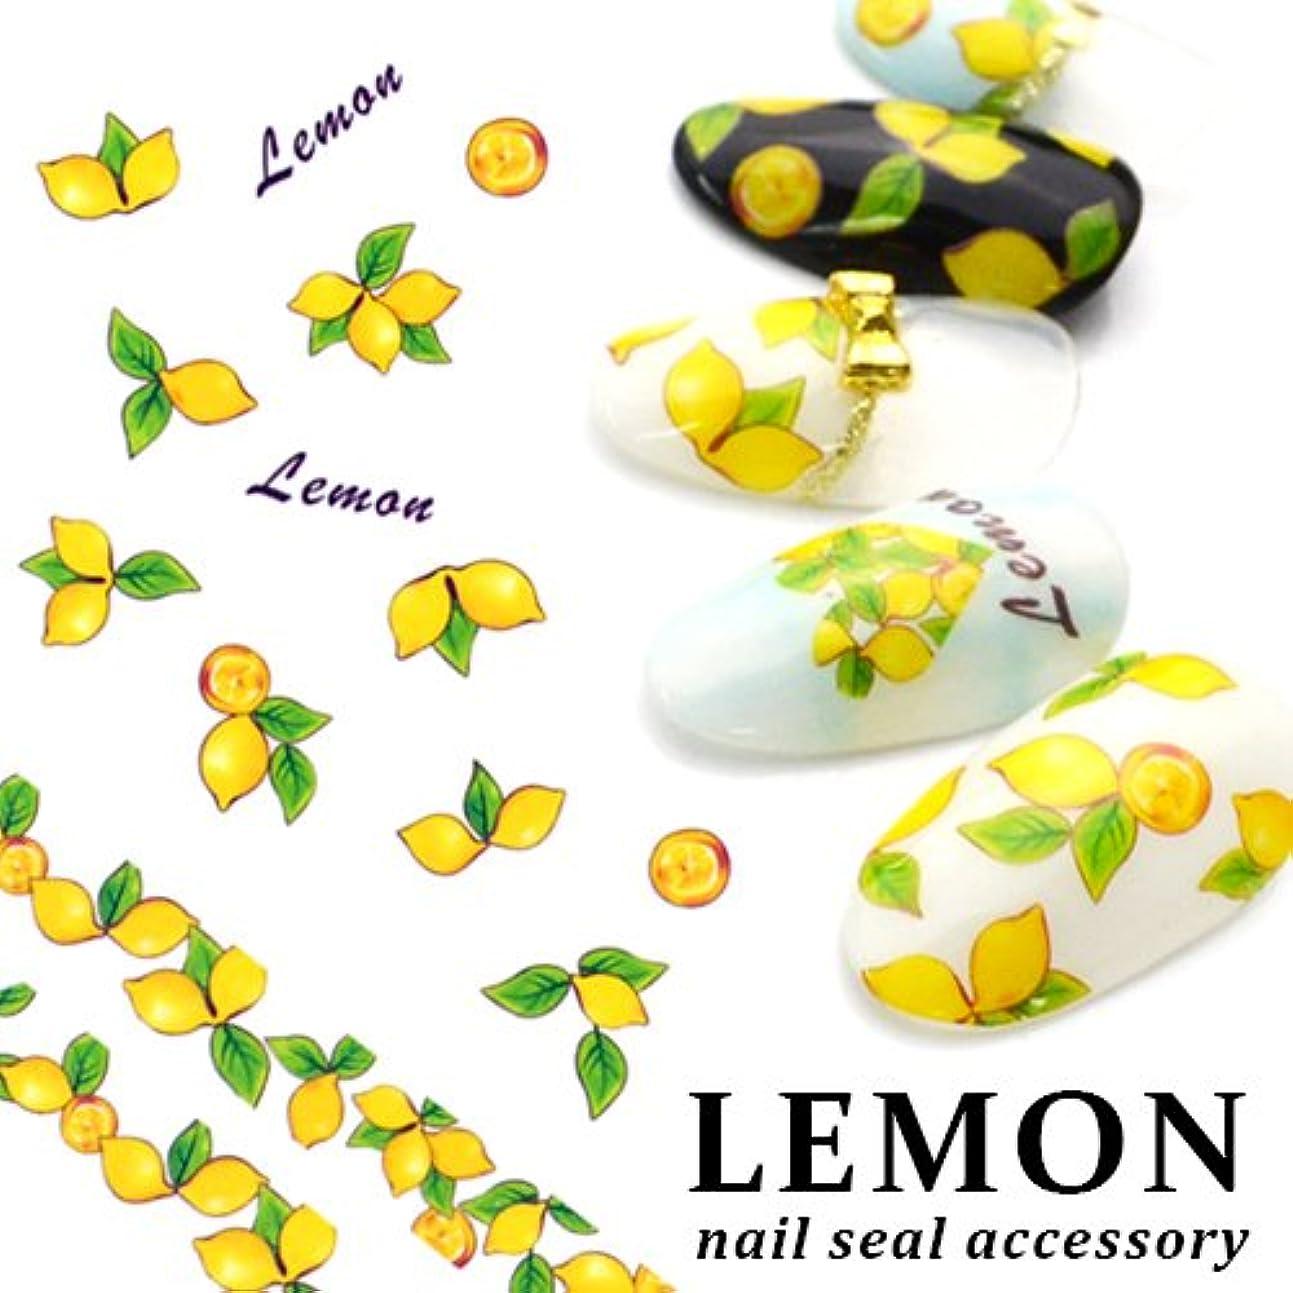 毎月害虫模索夏派手ネイルを楽しく簡単に!レモン柄 フルーツ ネイルシール [DS-214] ウォーターネイルシール サマーネイルアート ジェルネイル